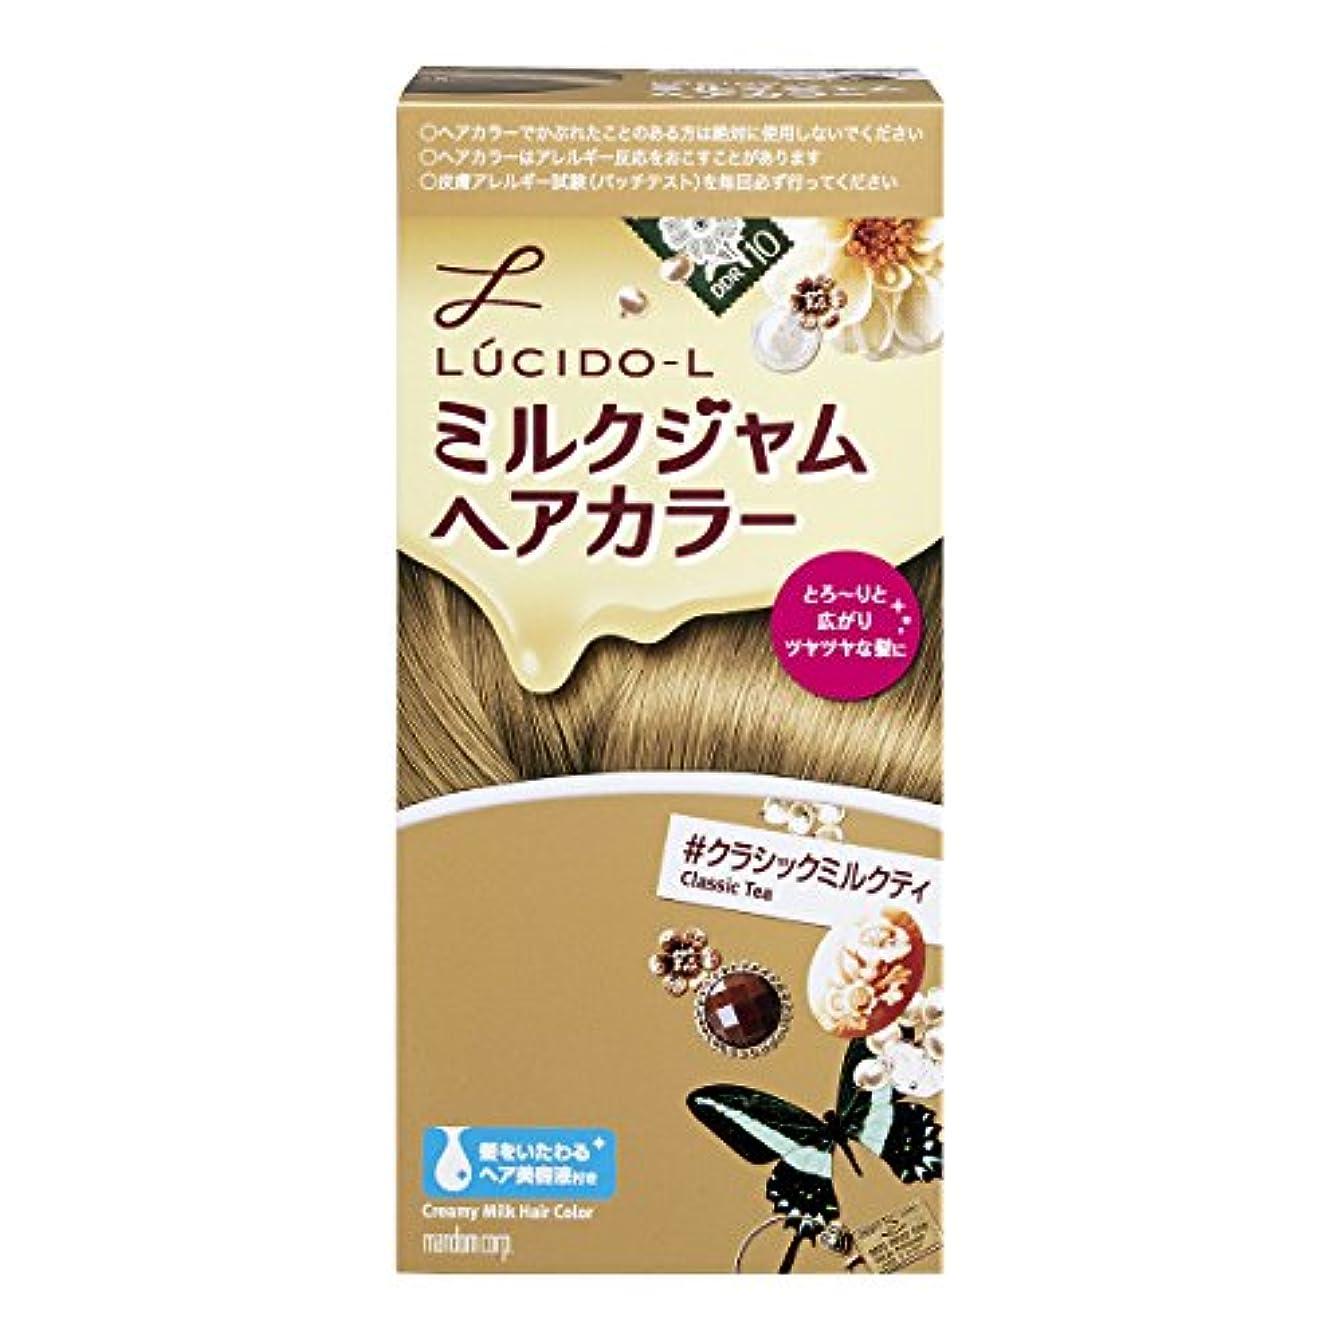 警戒チャンピオン言い訳LUCIDO-L (ルシードエル) ミルクジャムヘアカラー #クラシックミルクティ (医薬部外品) (1剤40g 2剤80mL TR5g)